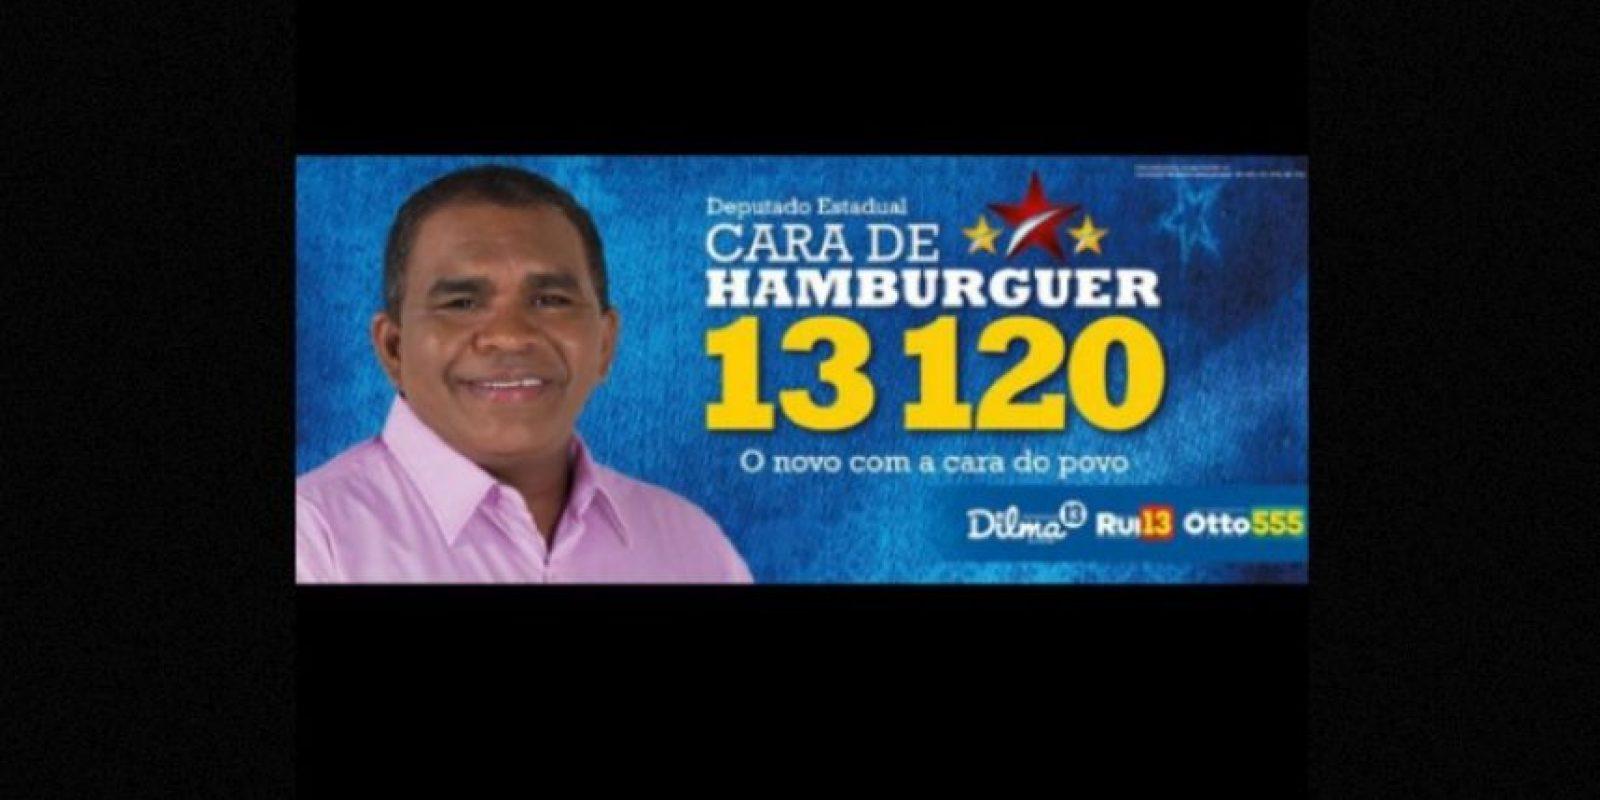 """""""Cara de Hamburguesa"""" Foto:Naosalvo.com.br"""